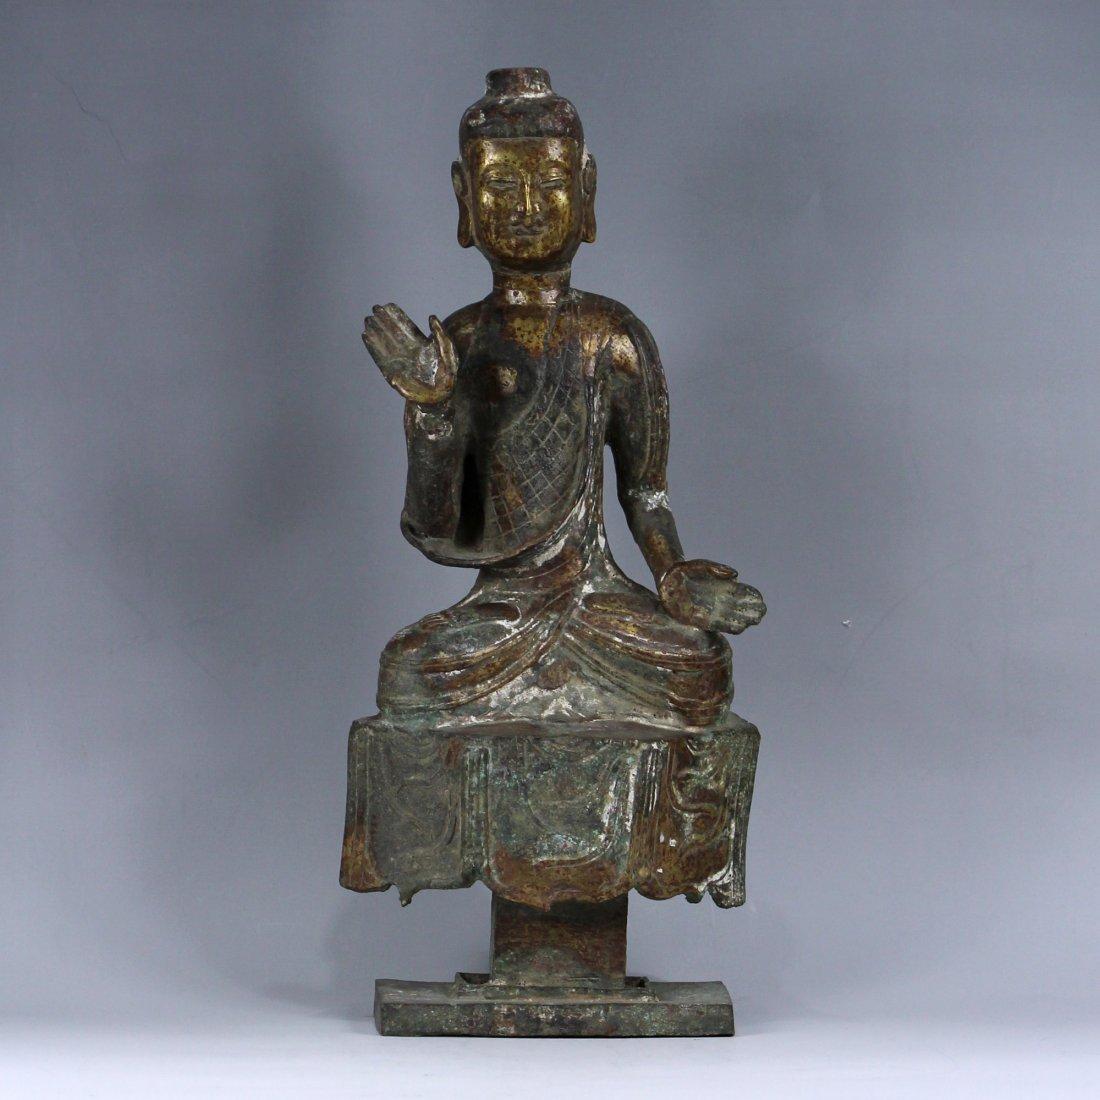 A BRONZE SCULPTURE OF BUDDHA